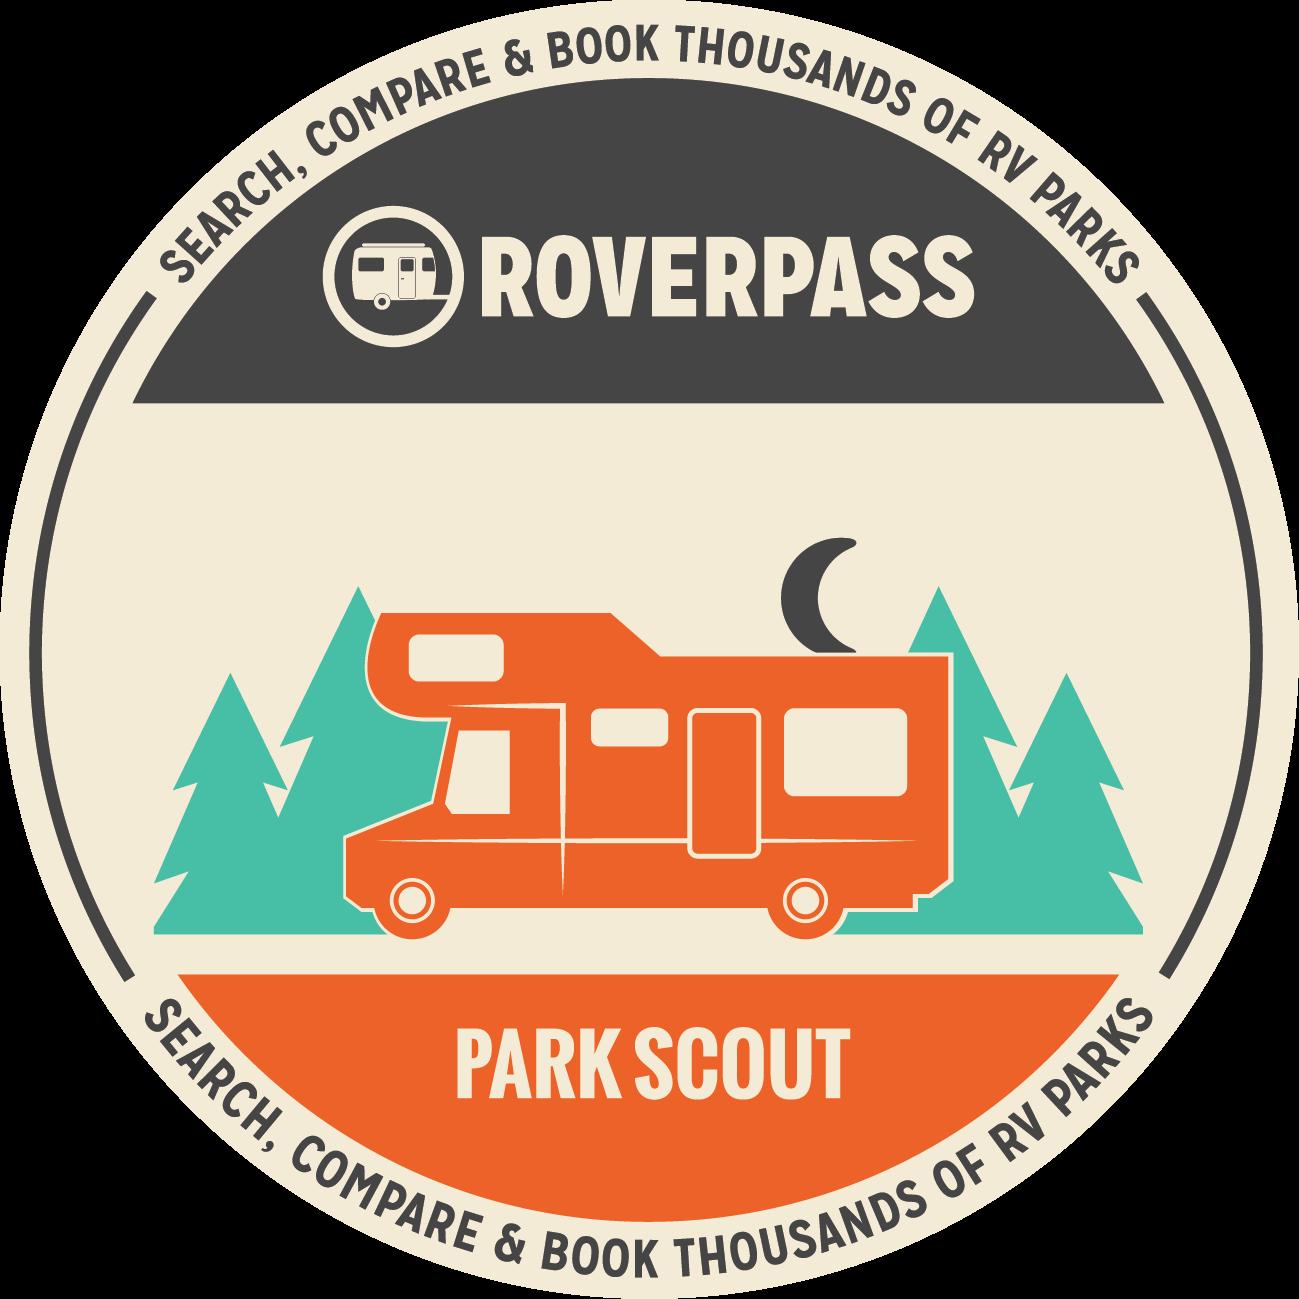 https://www.roverpass.com/